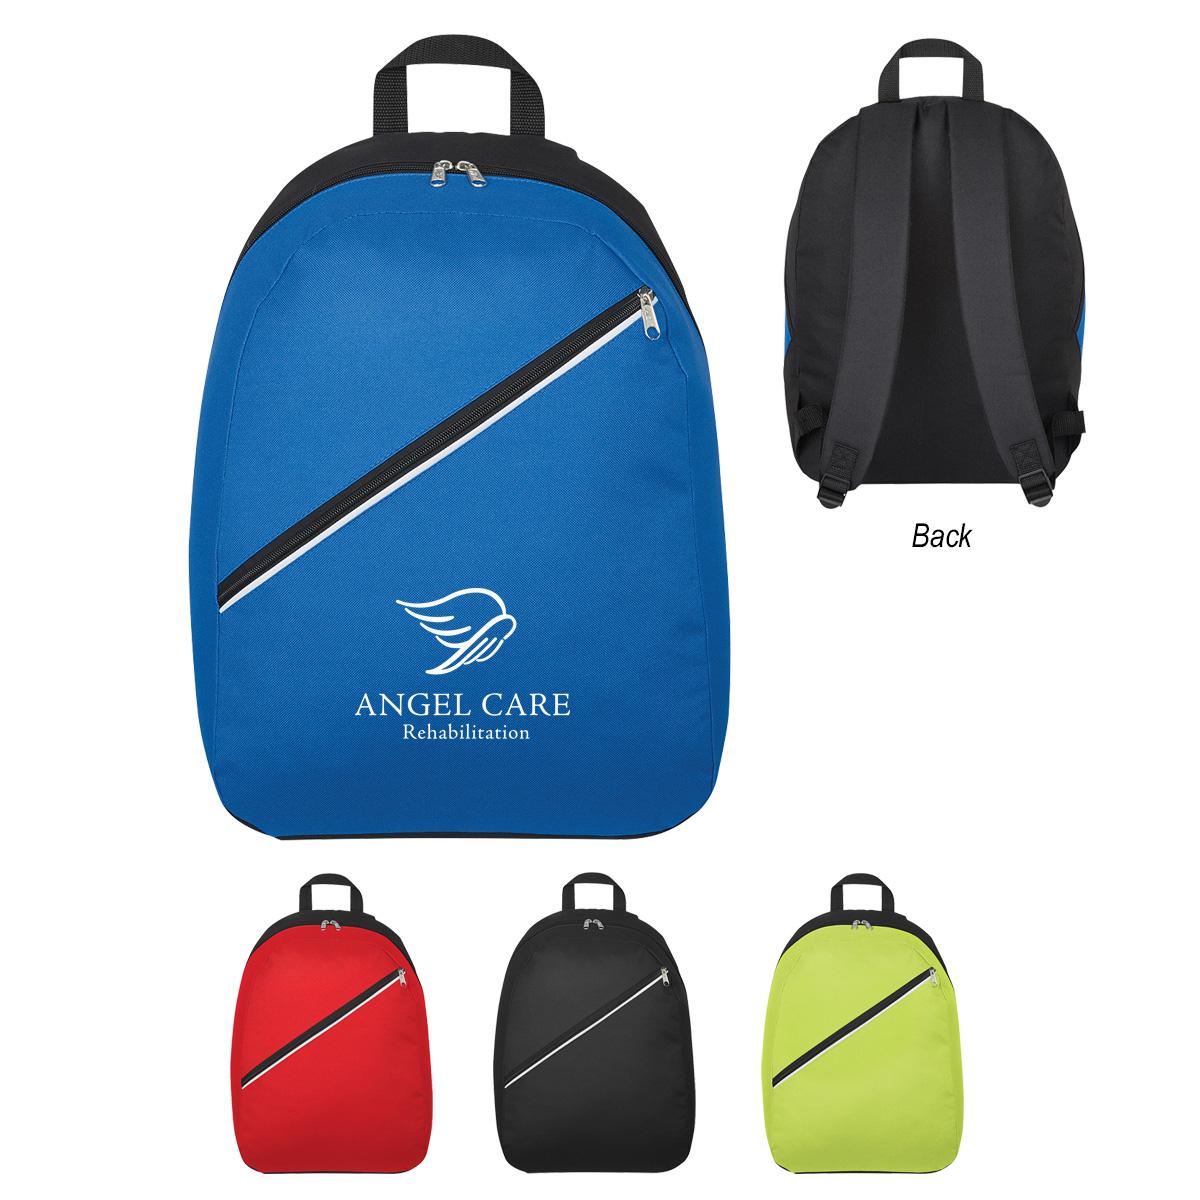 #CM 3409 The Getaway Backpack